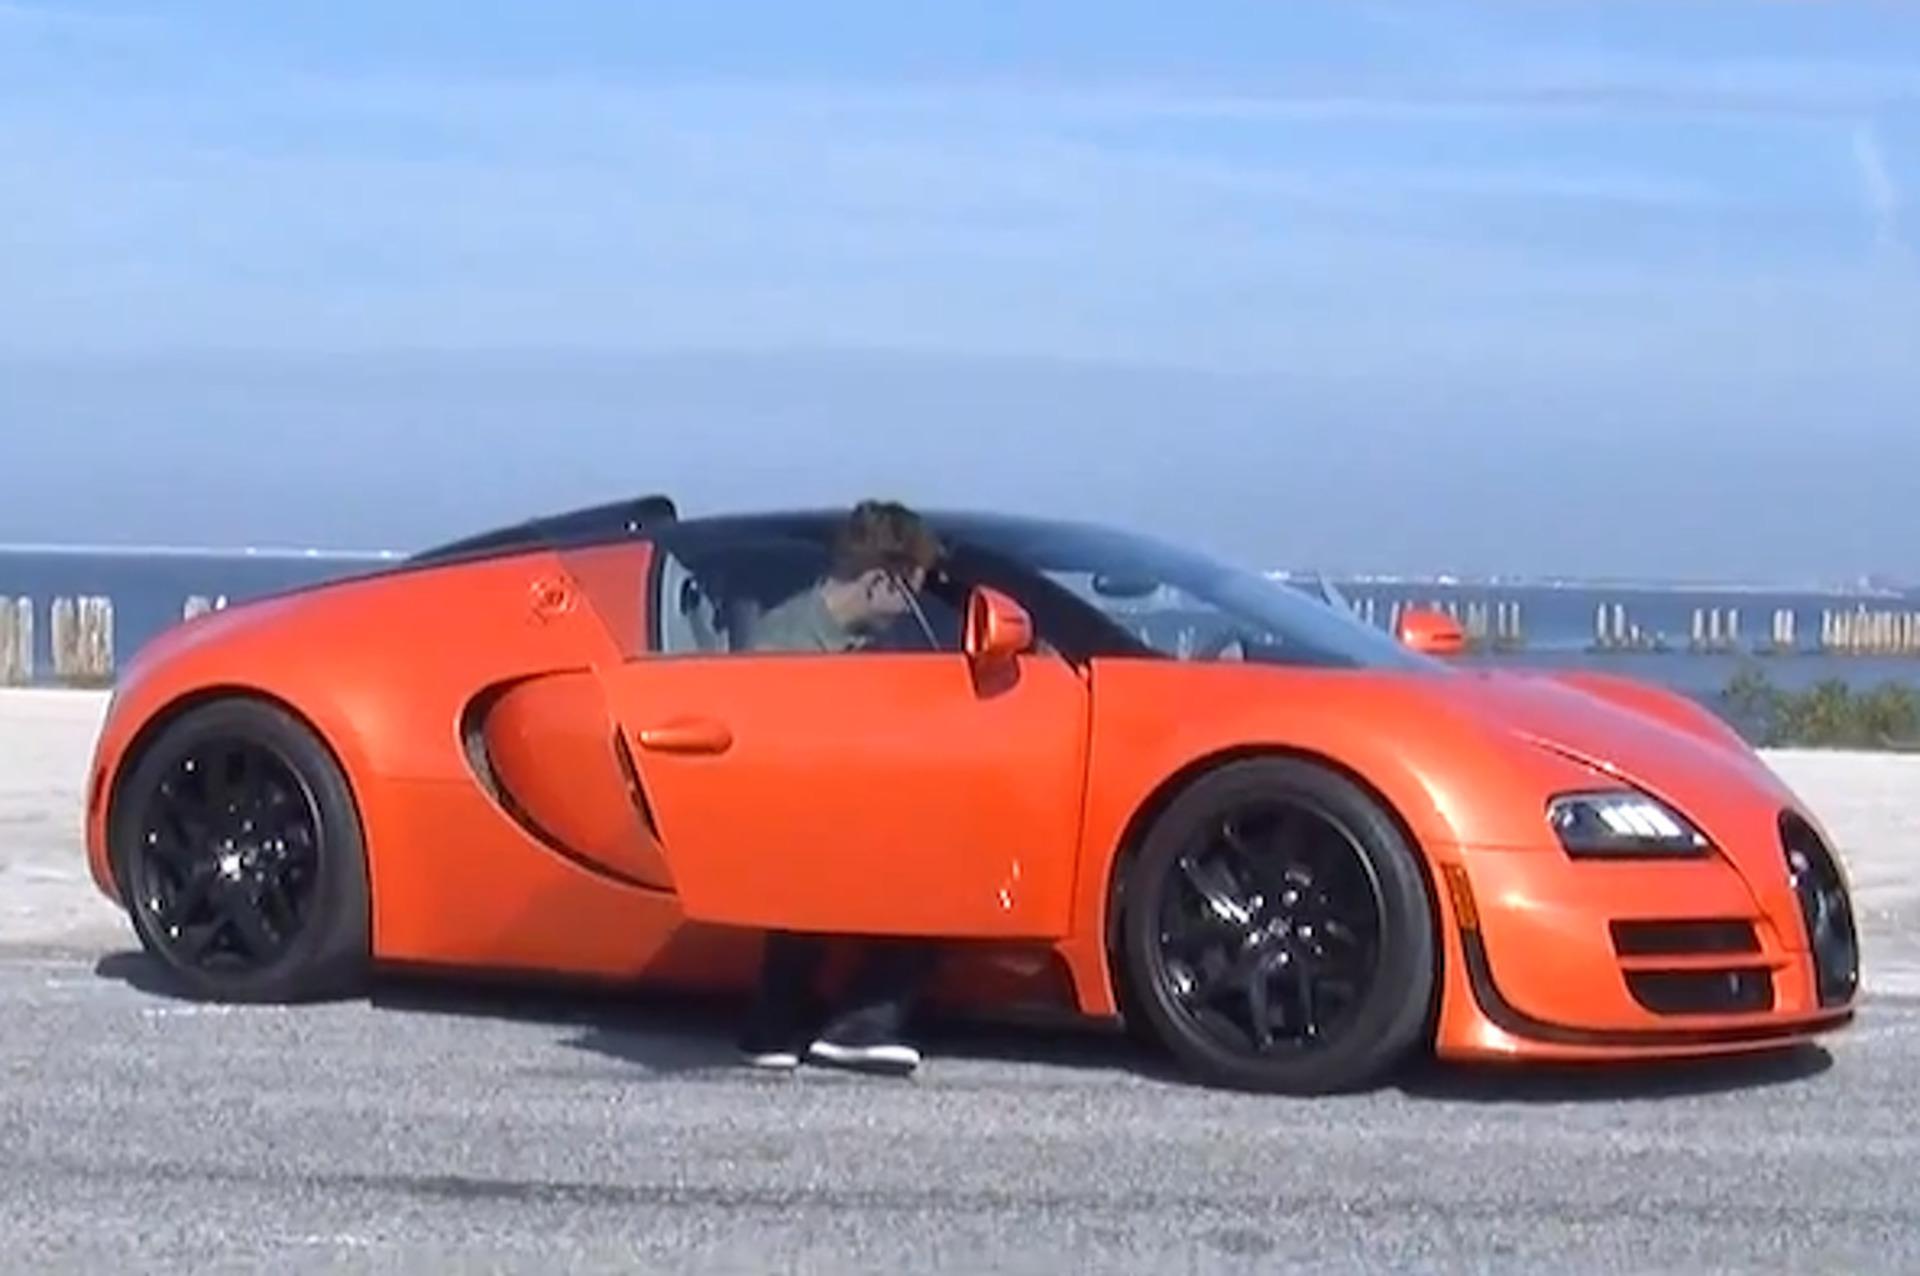 Top Gear USA Bugatti Veyron Speed Run Postponed